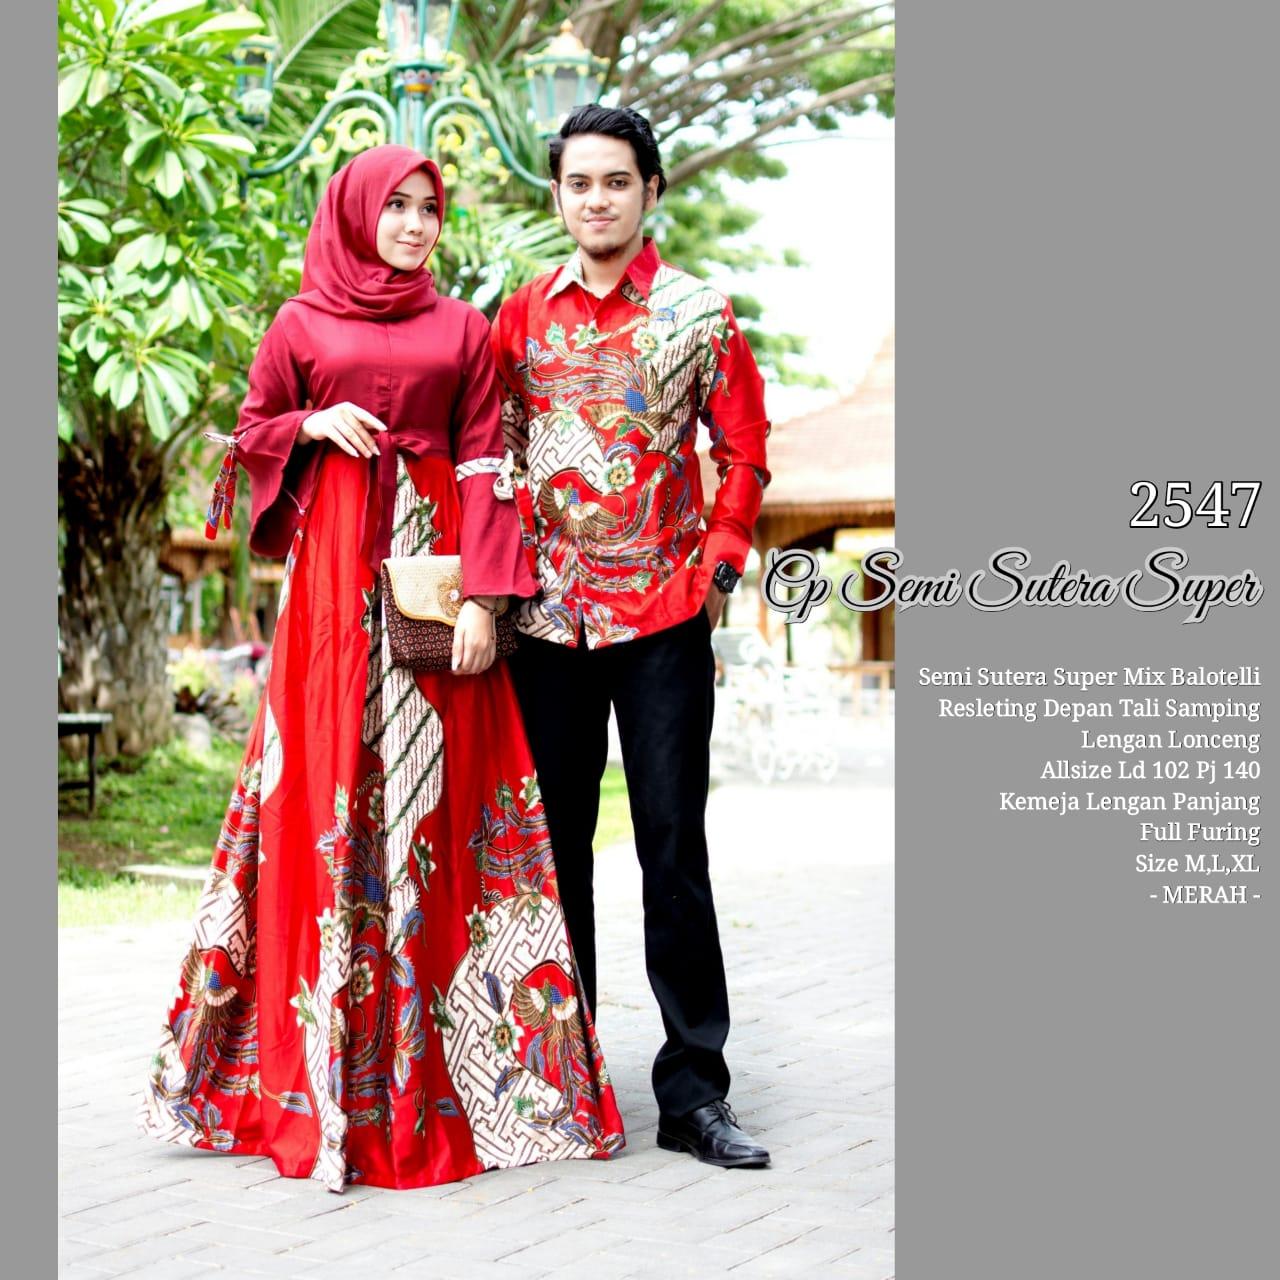 Baju Batik Couple Model Gamis Semi Sutera Super Lengan Lonceng